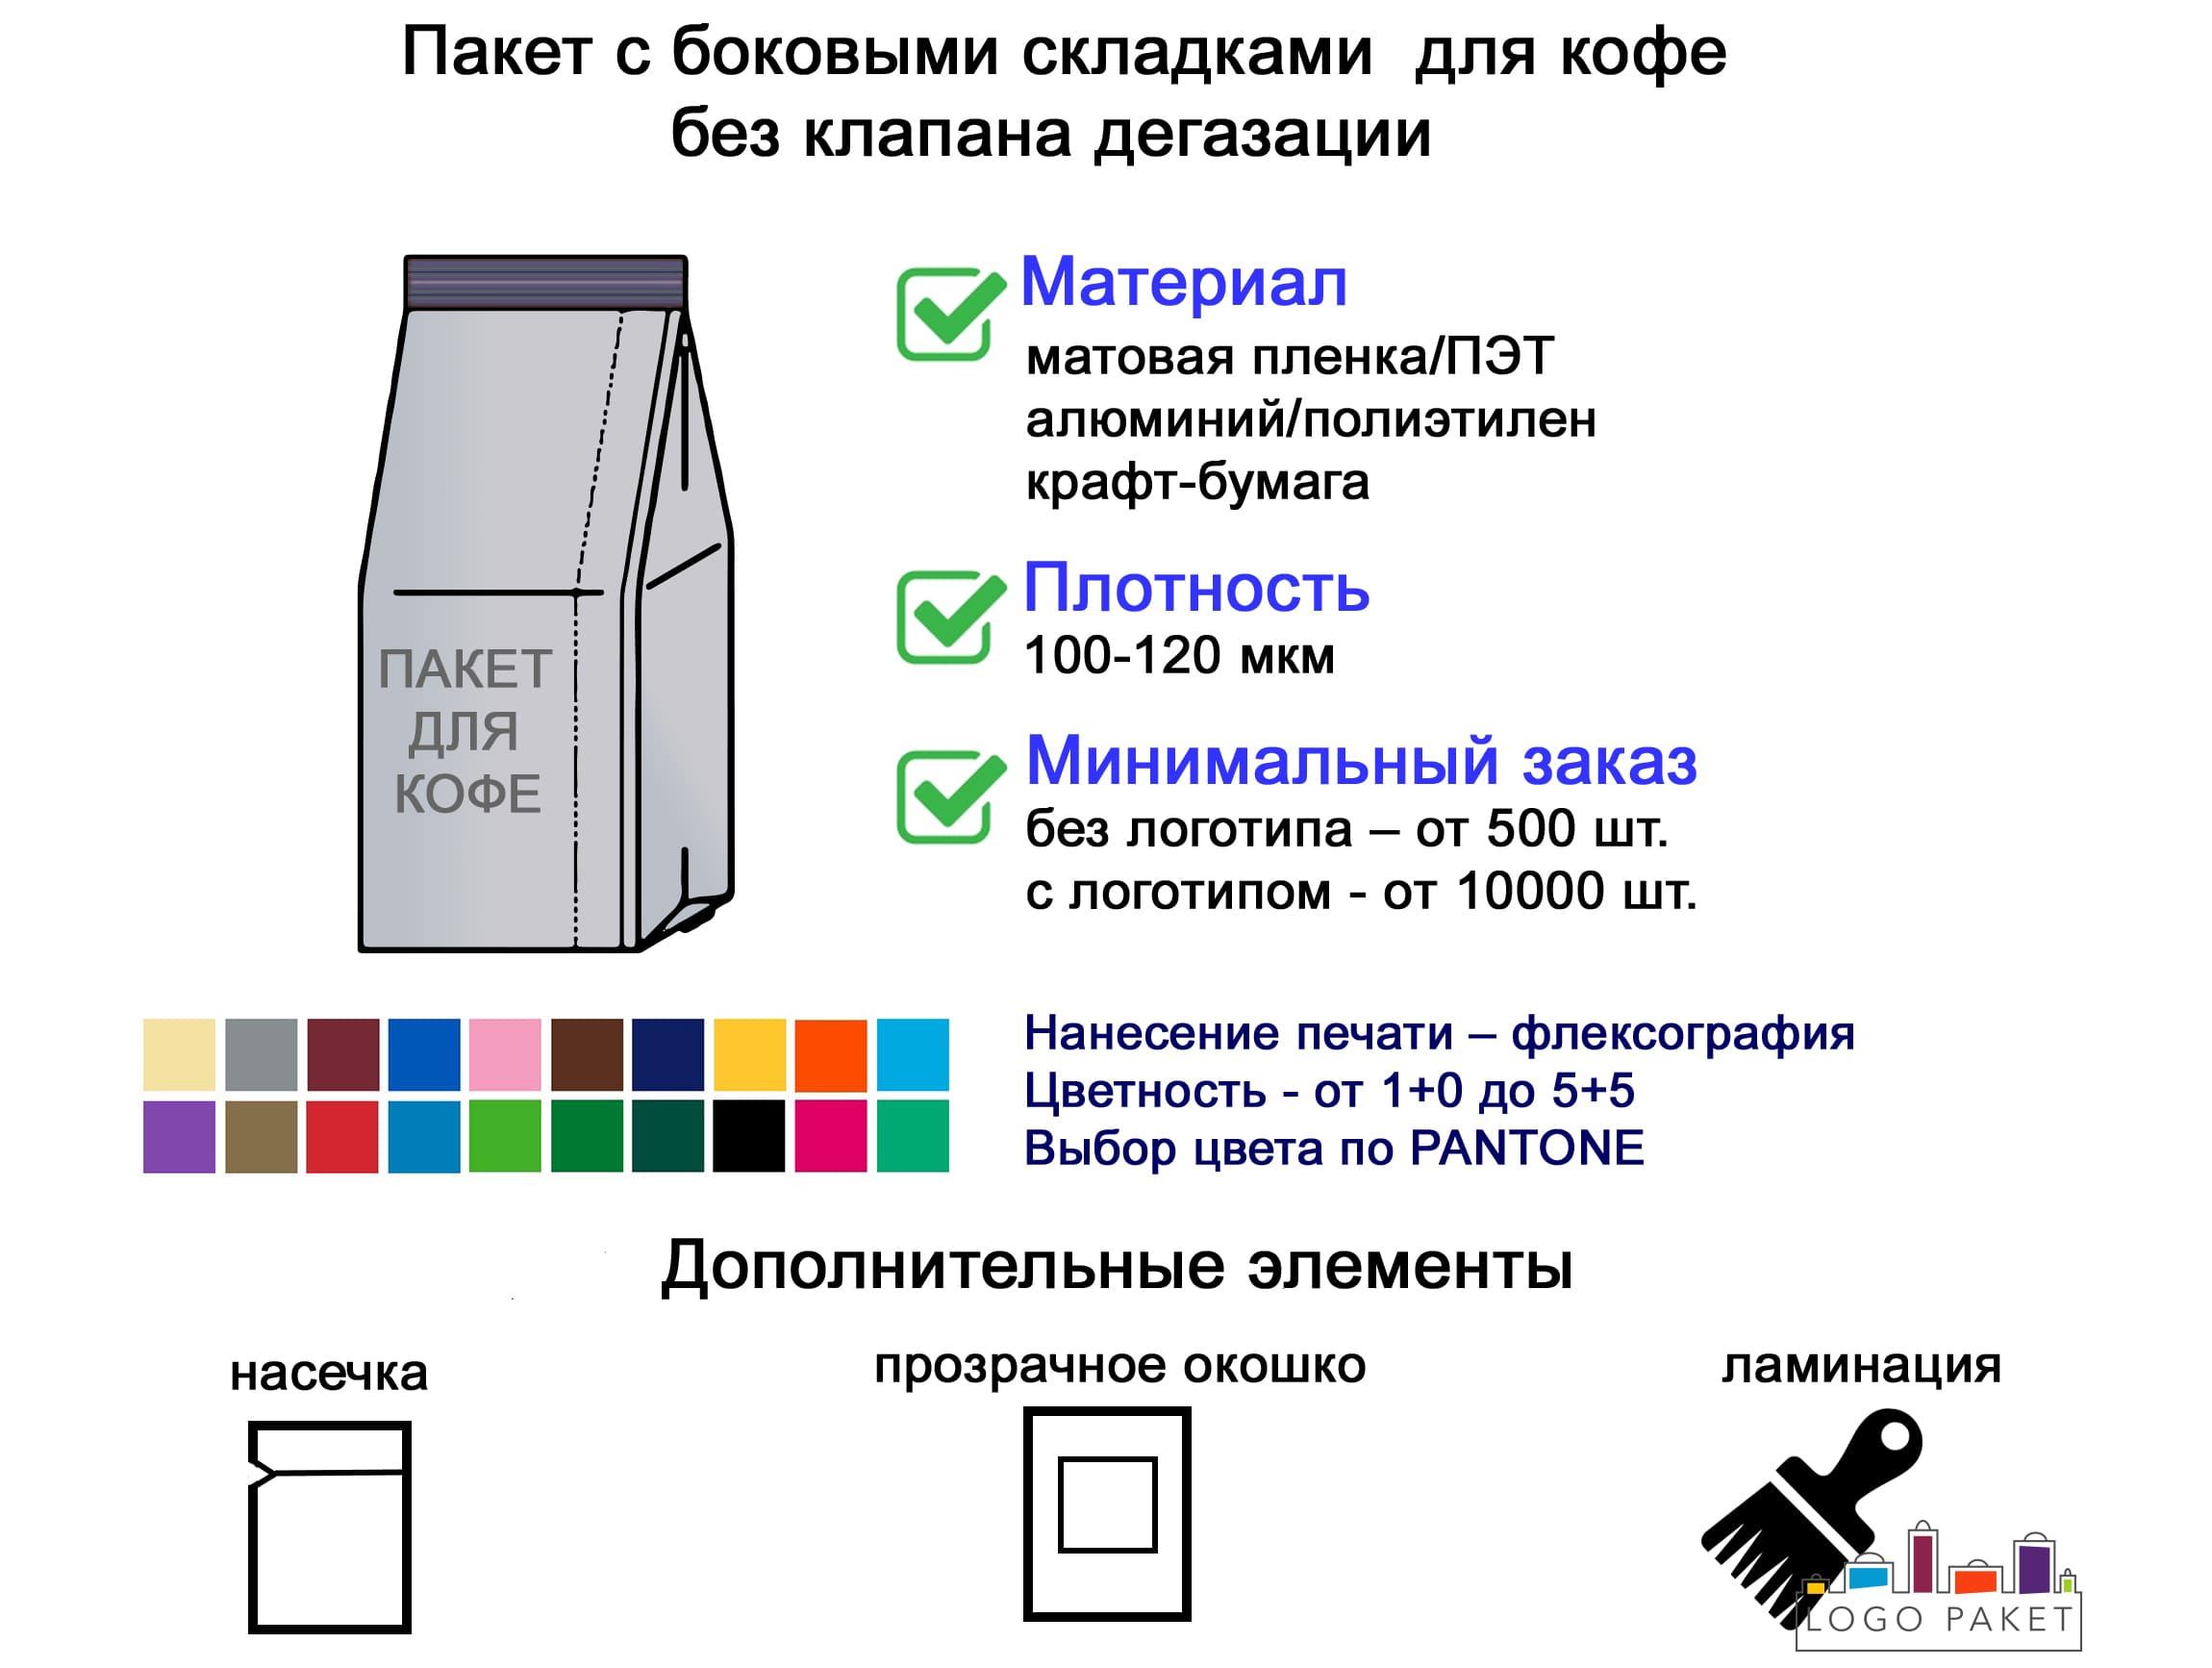 Пакет с боковыми складками для кофе инфографика